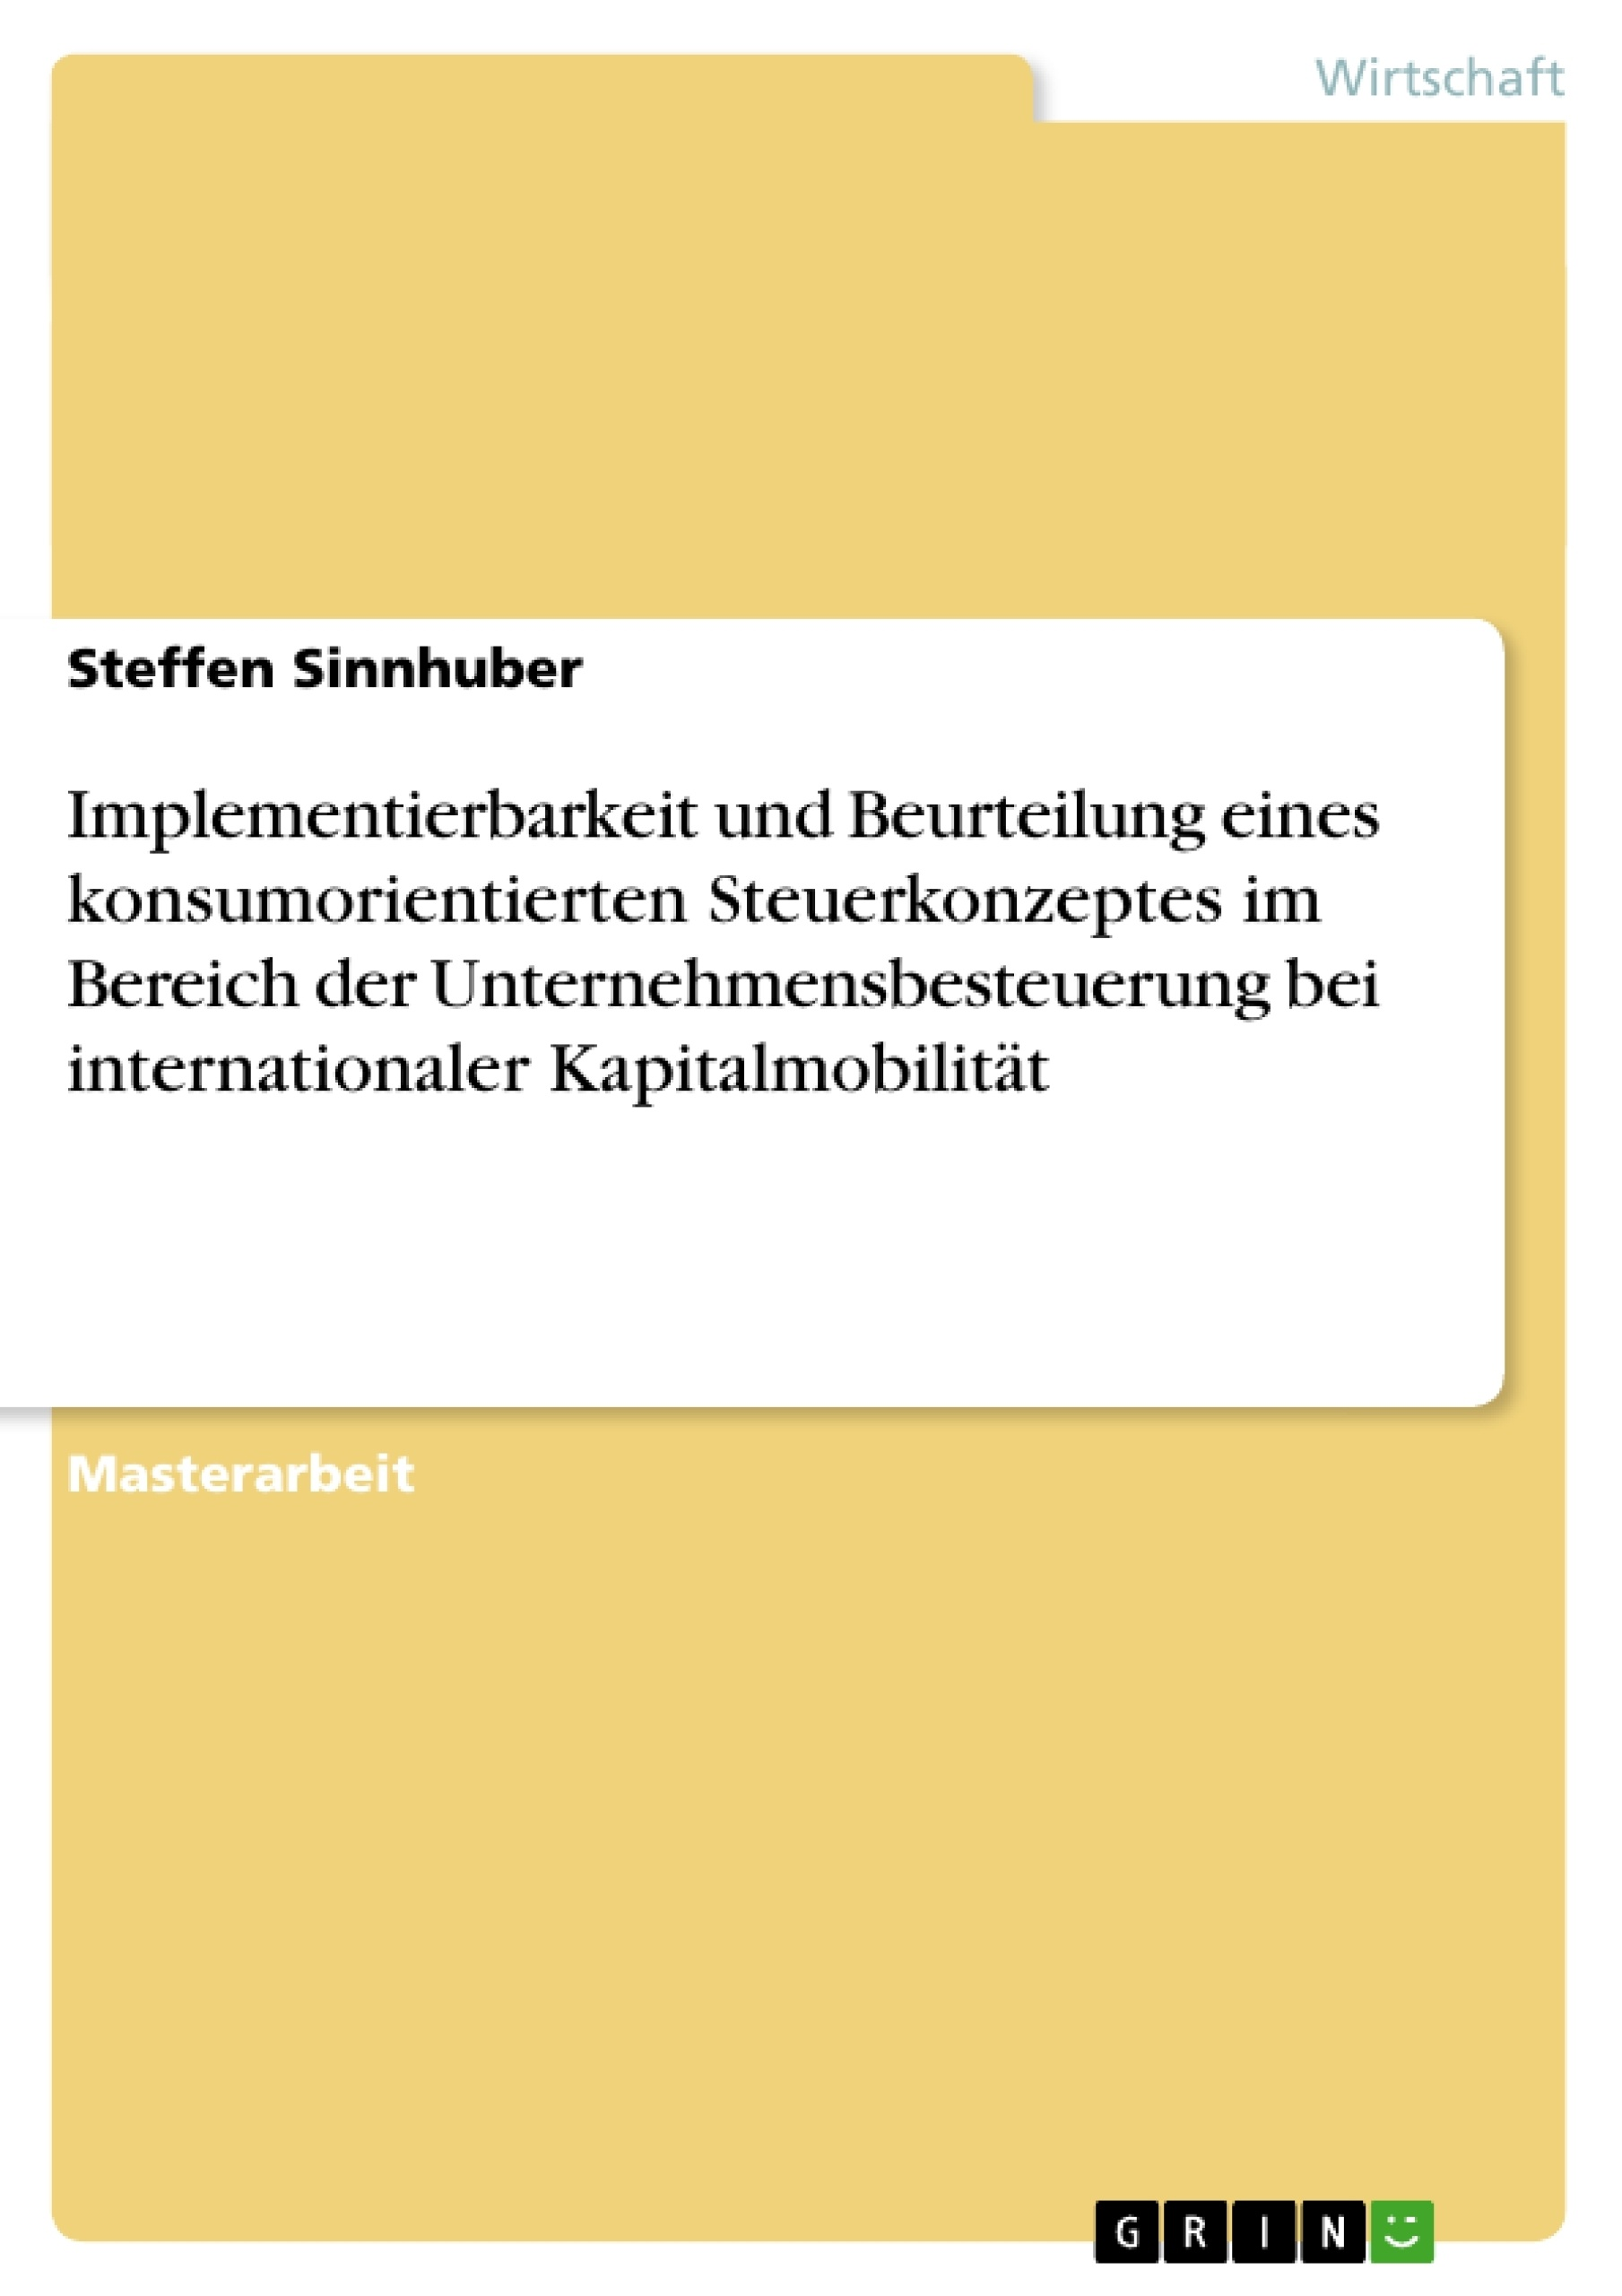 Titel: Implementierbarkeit und Beurteilung eines konsumorientierten Steuerkonzeptes im Bereich der Unternehmensbesteuerung bei internationaler Kapitalmobilität